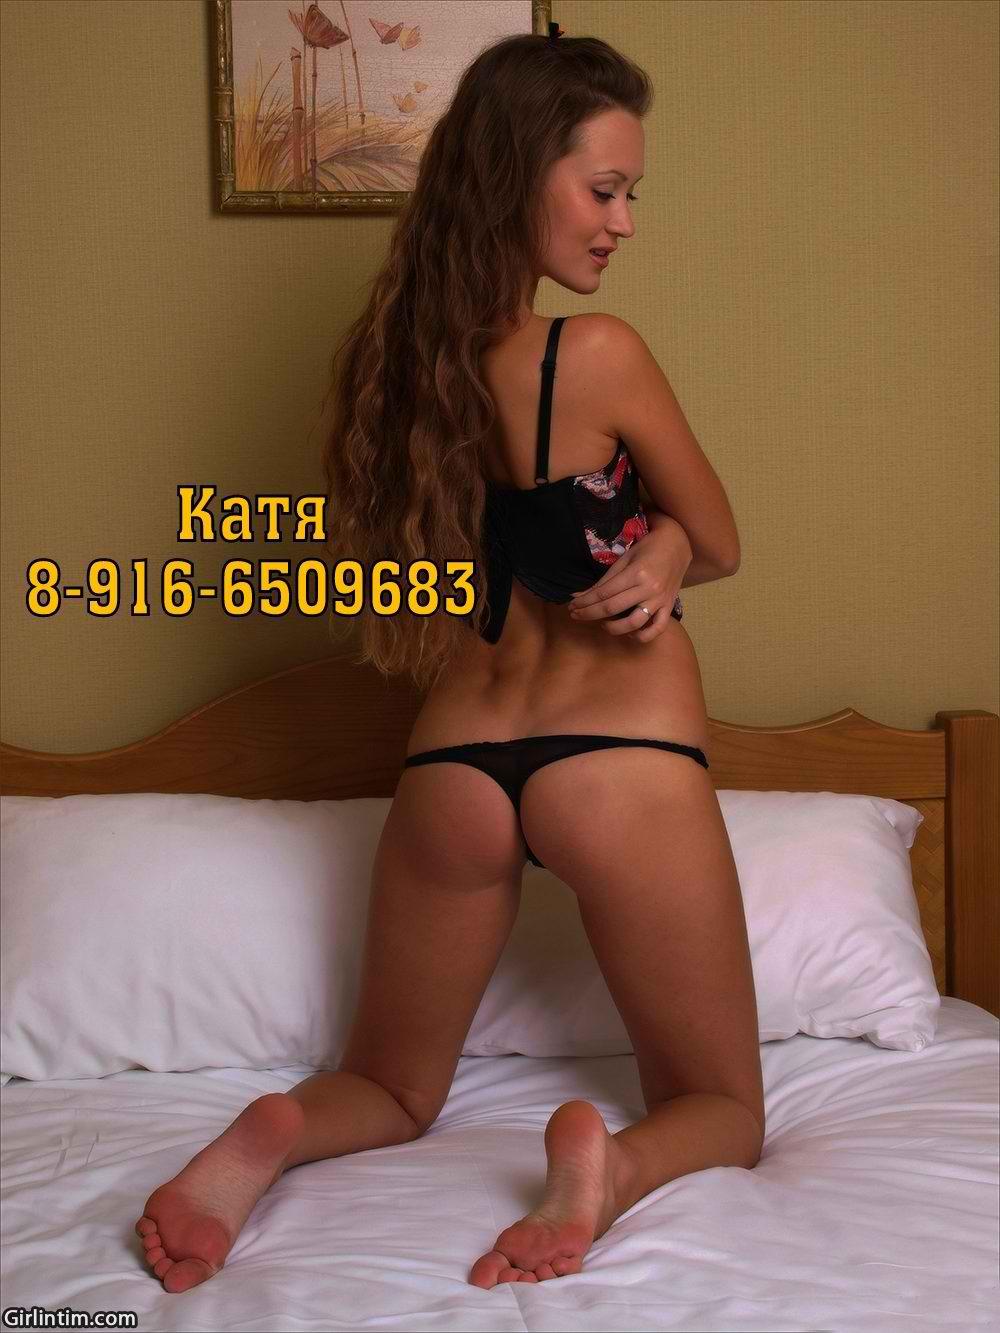 проститутки на каталог